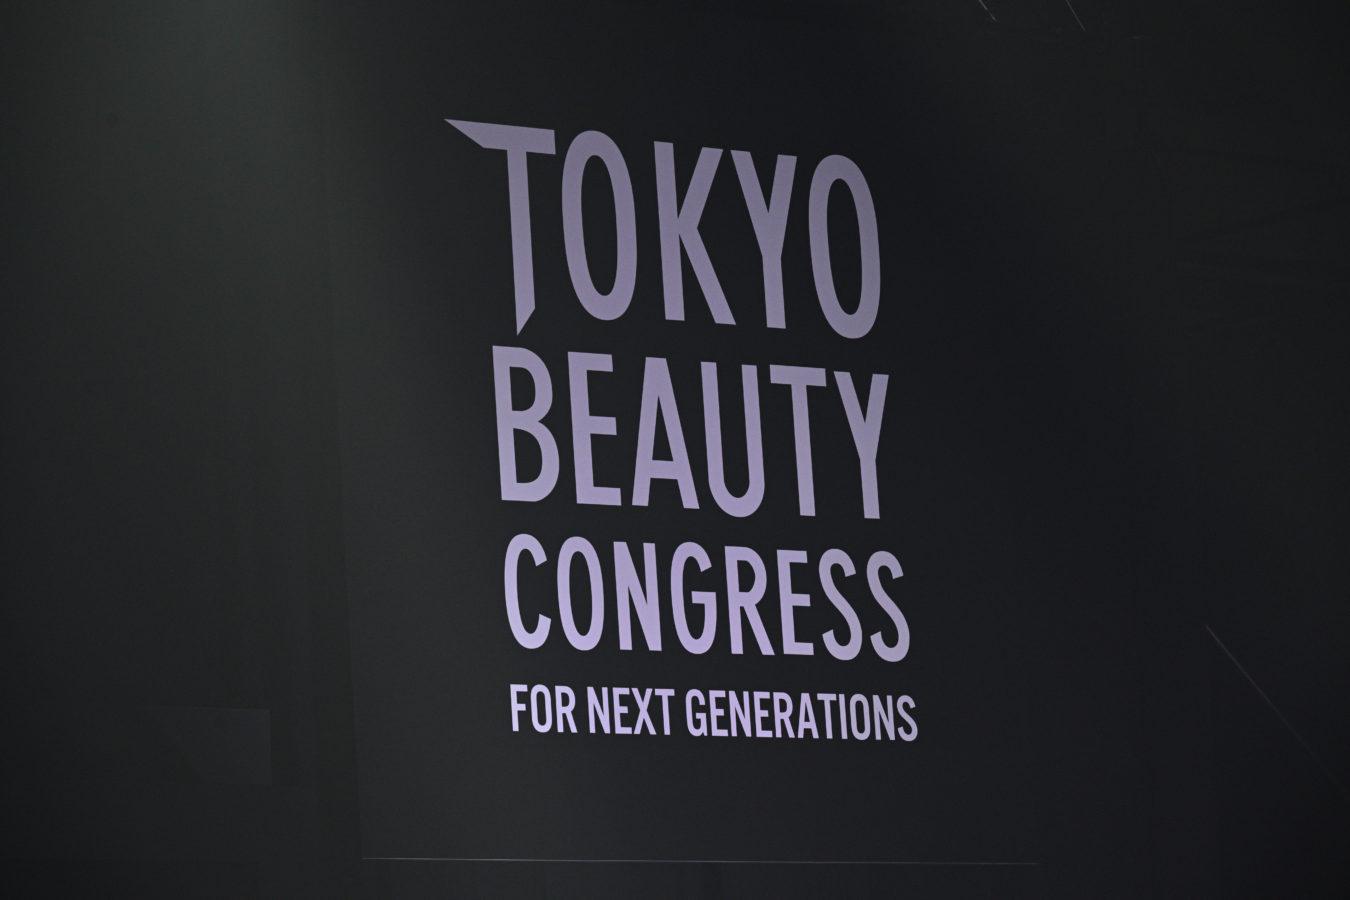 東京ビューティーコングレス2019 入賞速報!準グランプリ☆